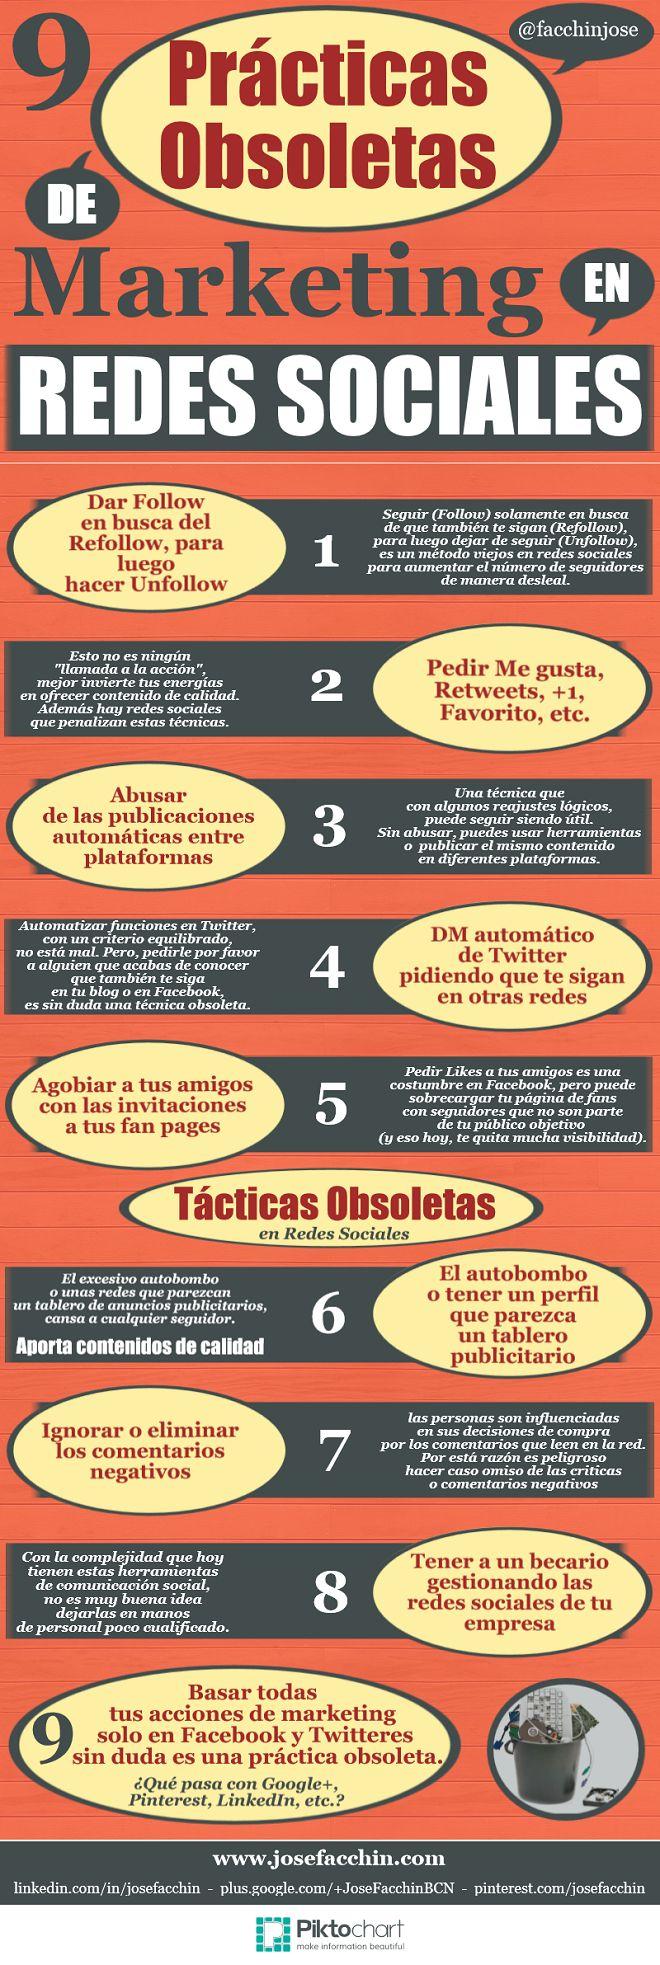 9 prácticas obsoletas del Marketing en Redes Sociales #socialmedia #communitymanager #marketing